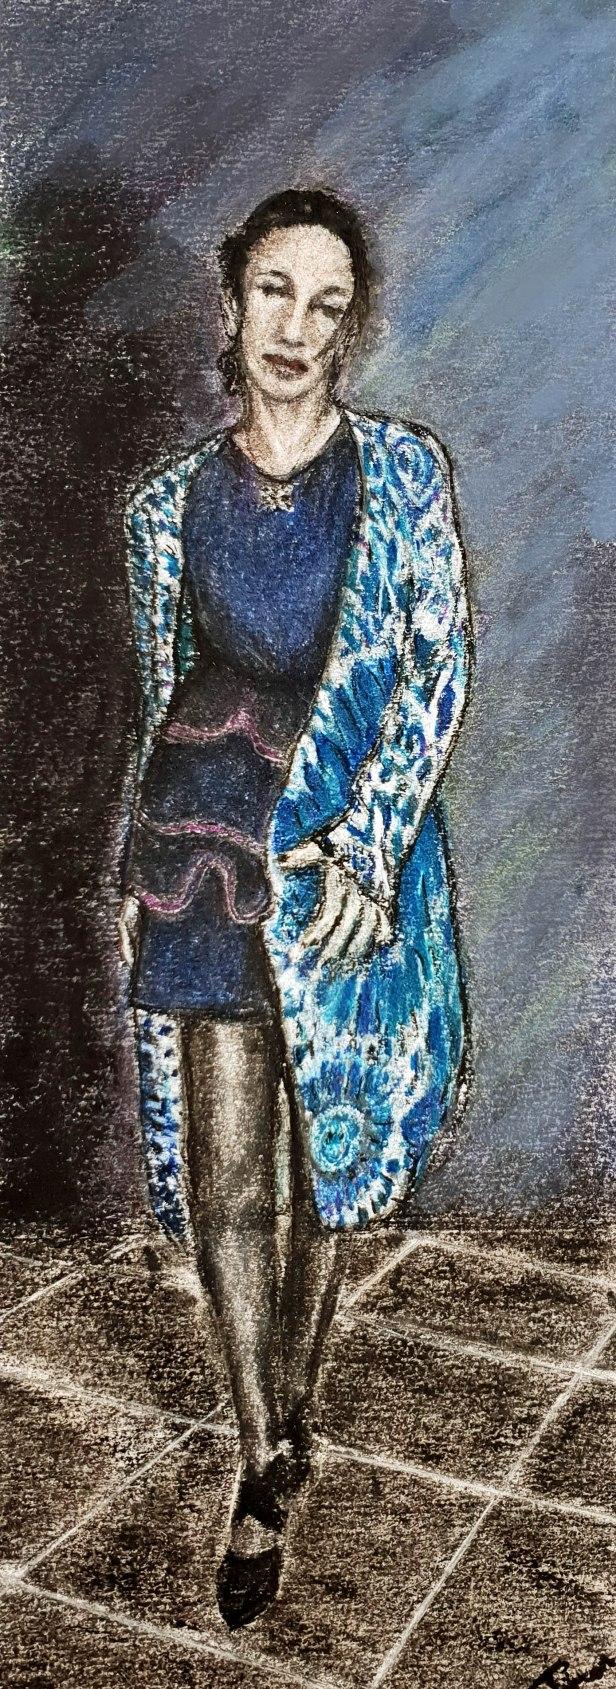 Cette photo représente un dessin au fusain et pastel de ma femme Morgane. Elle porte une robe Rodier bleu marine assez courte, un gilet Desigual bleu et crème . Elle a autour du cou un pendentif en forme d'aile de papillon .On l'a voit de face, debout, la tête légèrement inclinée sur sa gauche et les yeux fermés. Sa jambe droite est en avant comme si elle avançait vers celui qui la regarde. Un peu comme le fait un modèle dans un défilé de mode. Elle porte des collants noirs et des chaussures noires à au talon Le fond est un camaïeu de bleu, de bleu sombre à bleu claire. La partie gauche est sombre et reçoit son ombre portée.